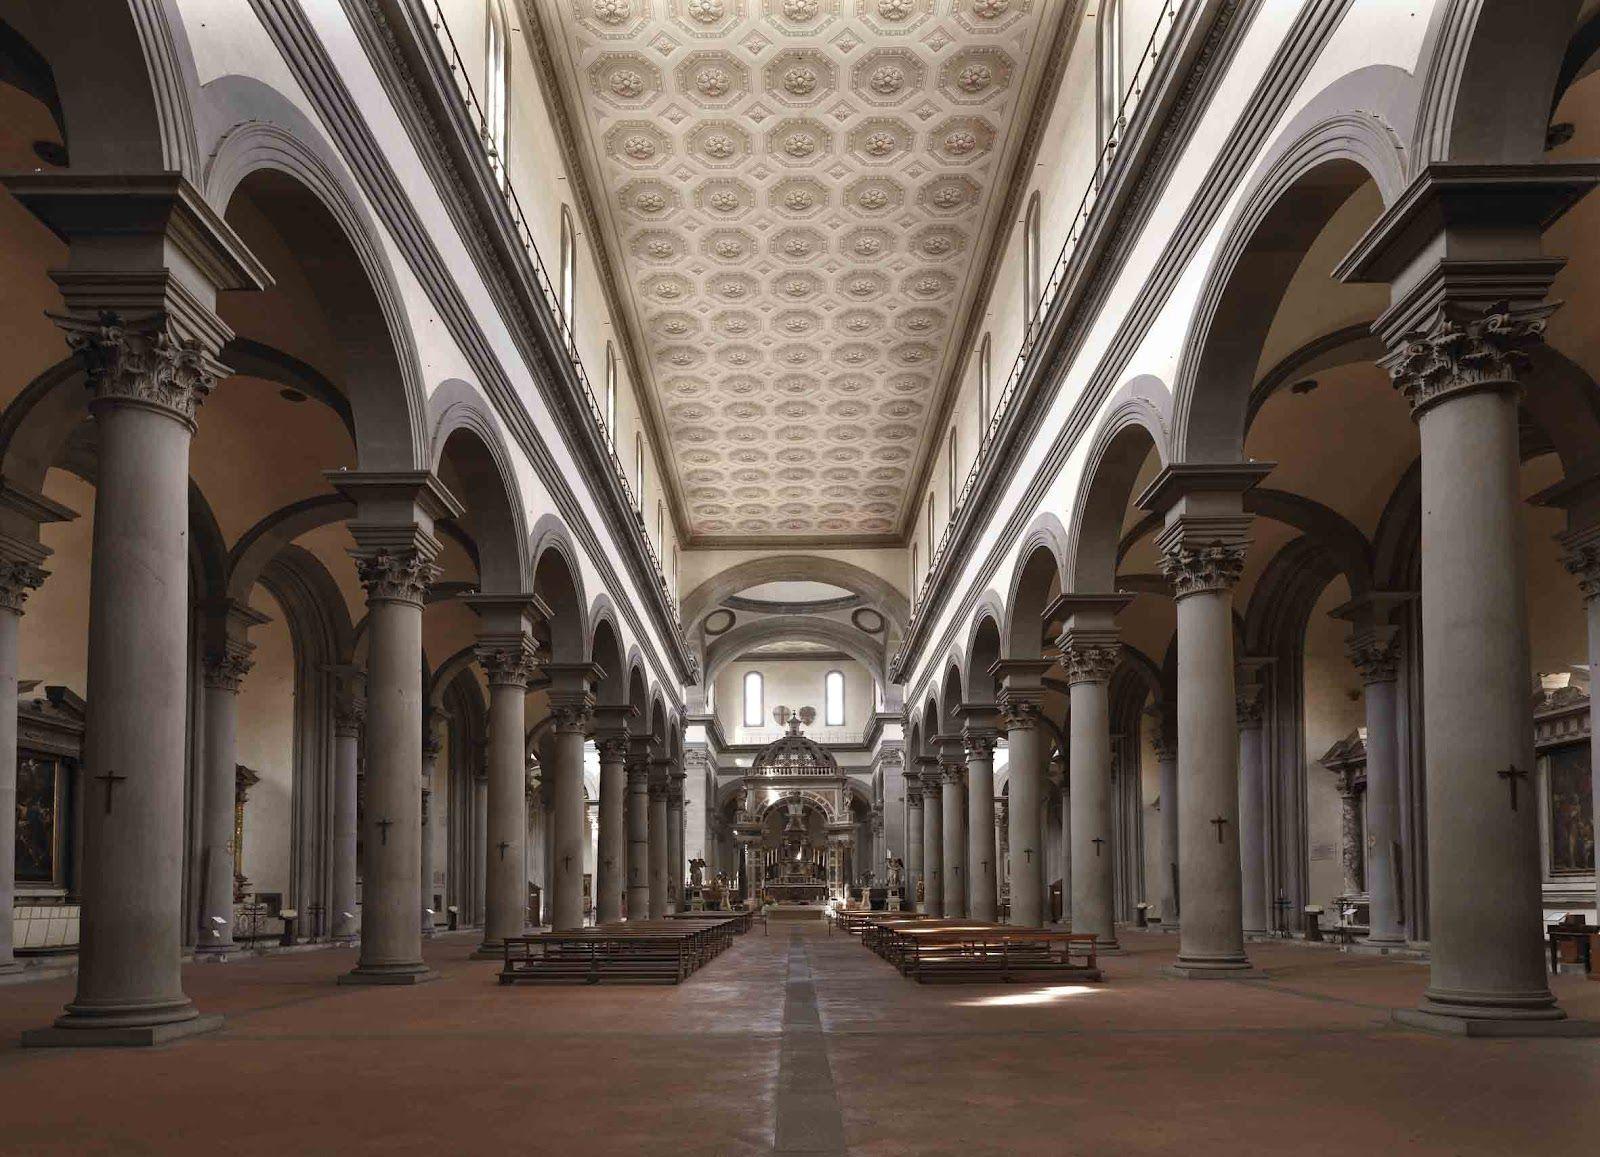 Filippo brunelleschi chiesa di santo spirito 1444 for Interior iglesia san lorenzo brunelleschi